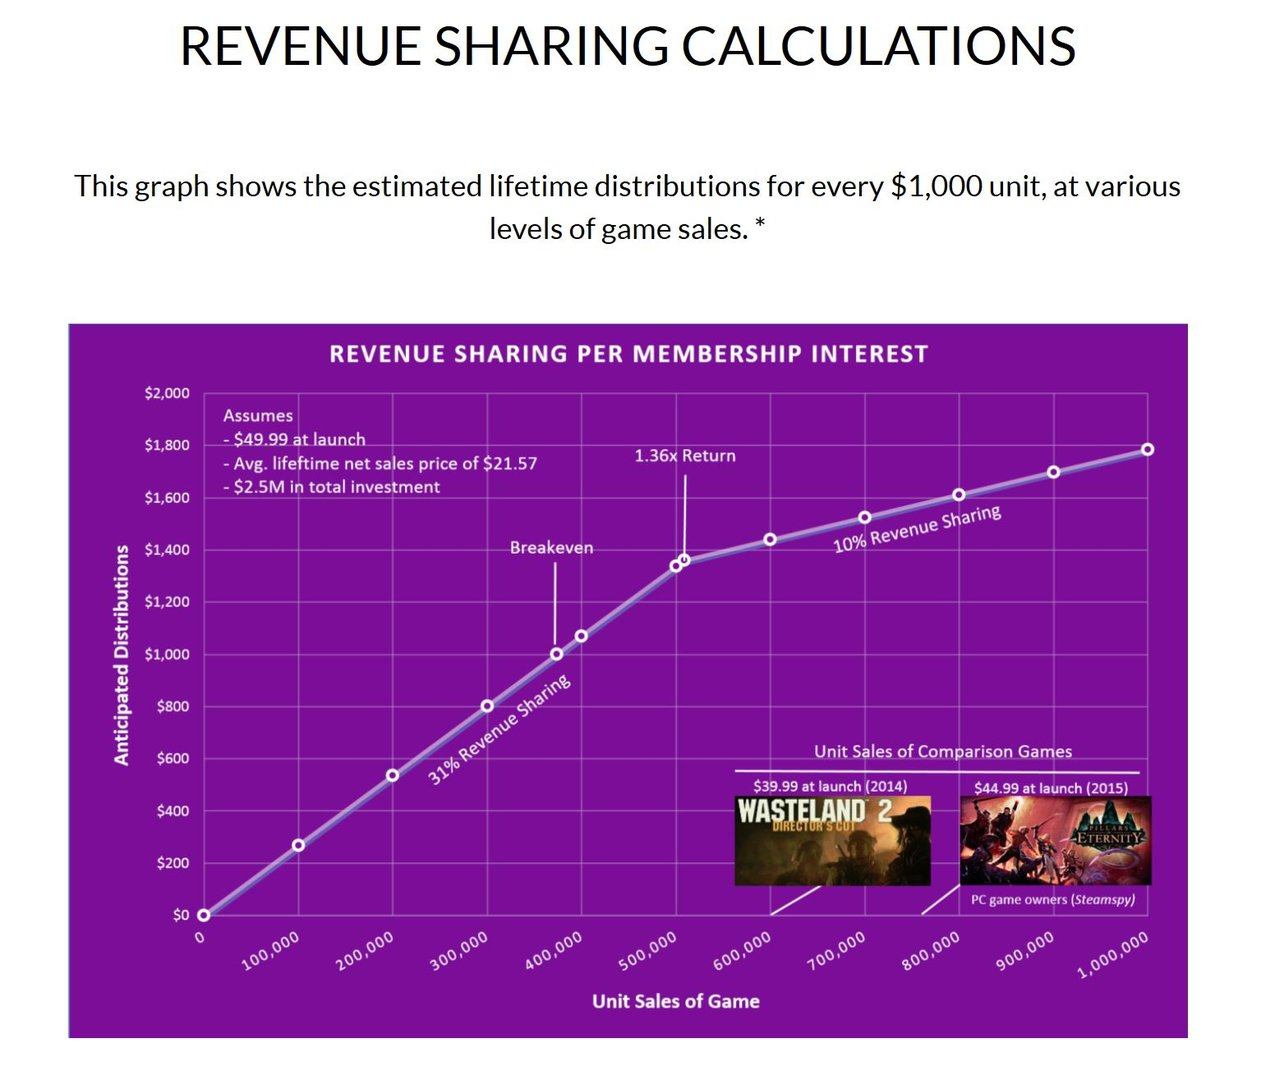 inXile bietet eine (optimistische) Schätzung der Verkaufszahlen an